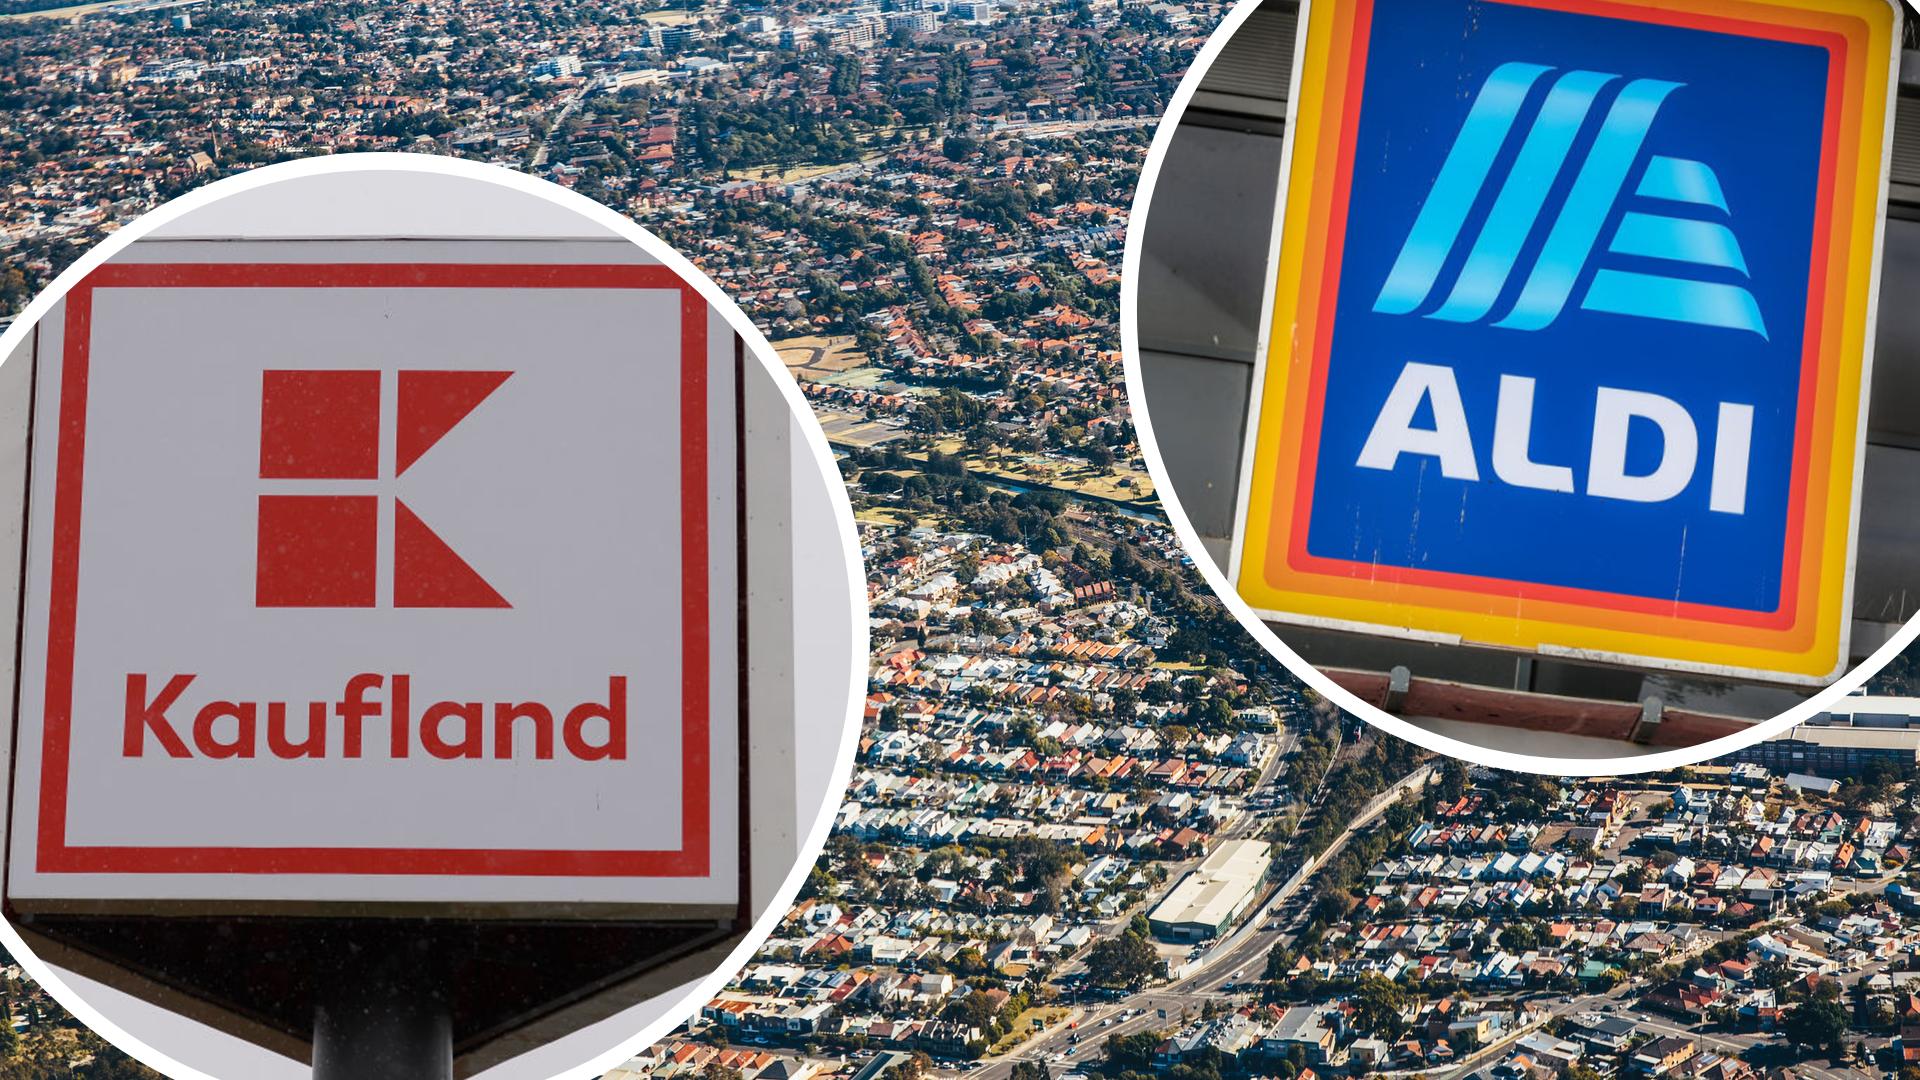 Aldi rival Kaufland reveals possible NSW store location